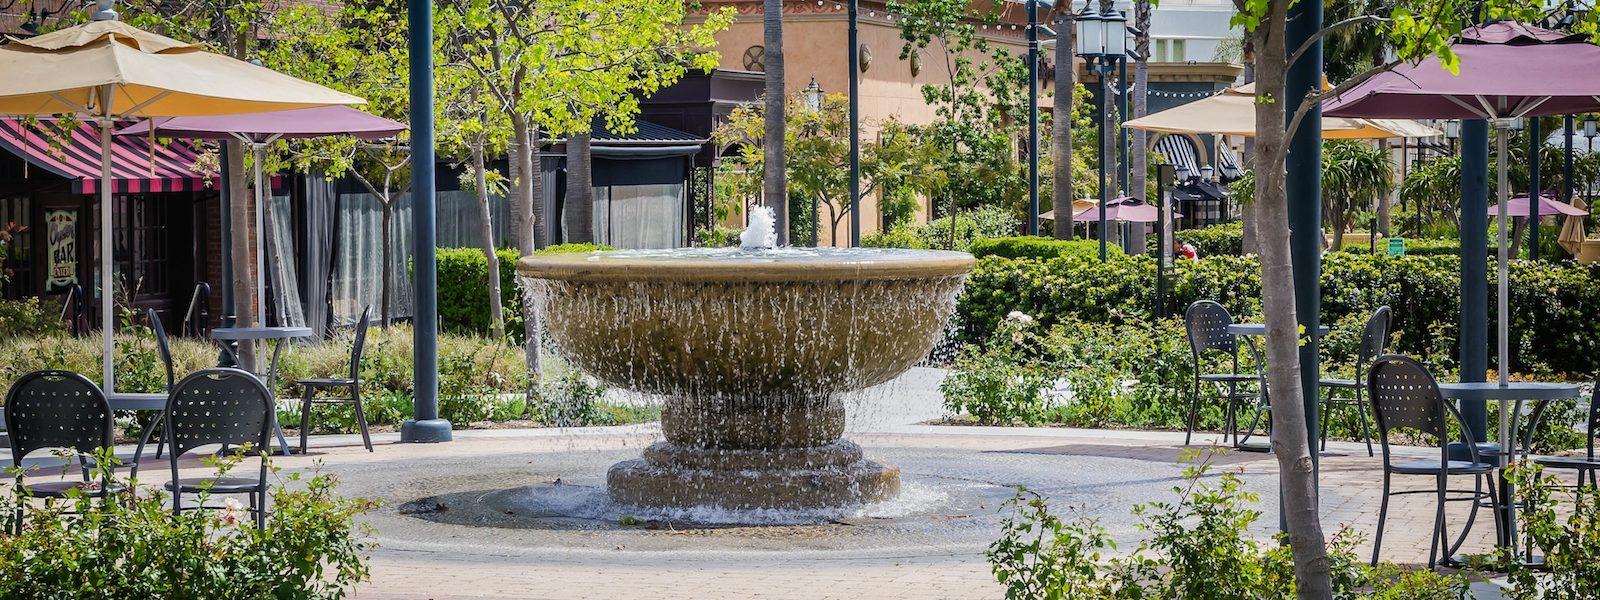 A water fountain in a Pasadena shopping center